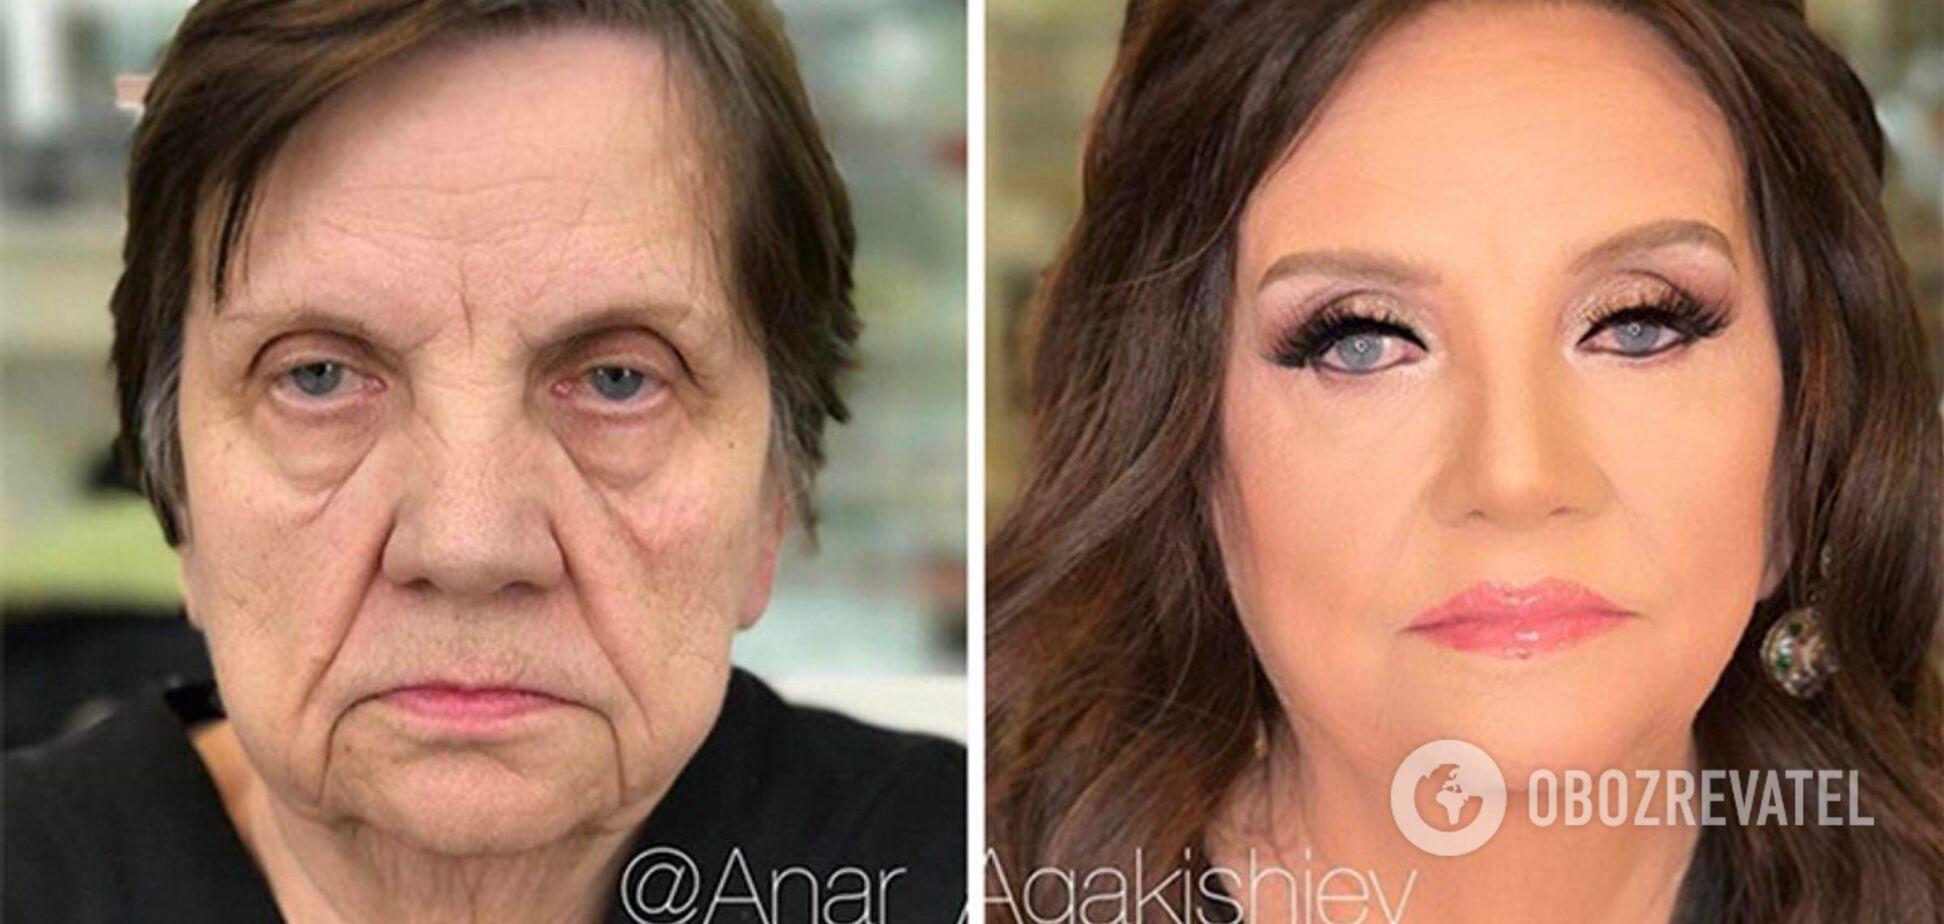 Потрясающее перевоплощение с помощью макияжа.